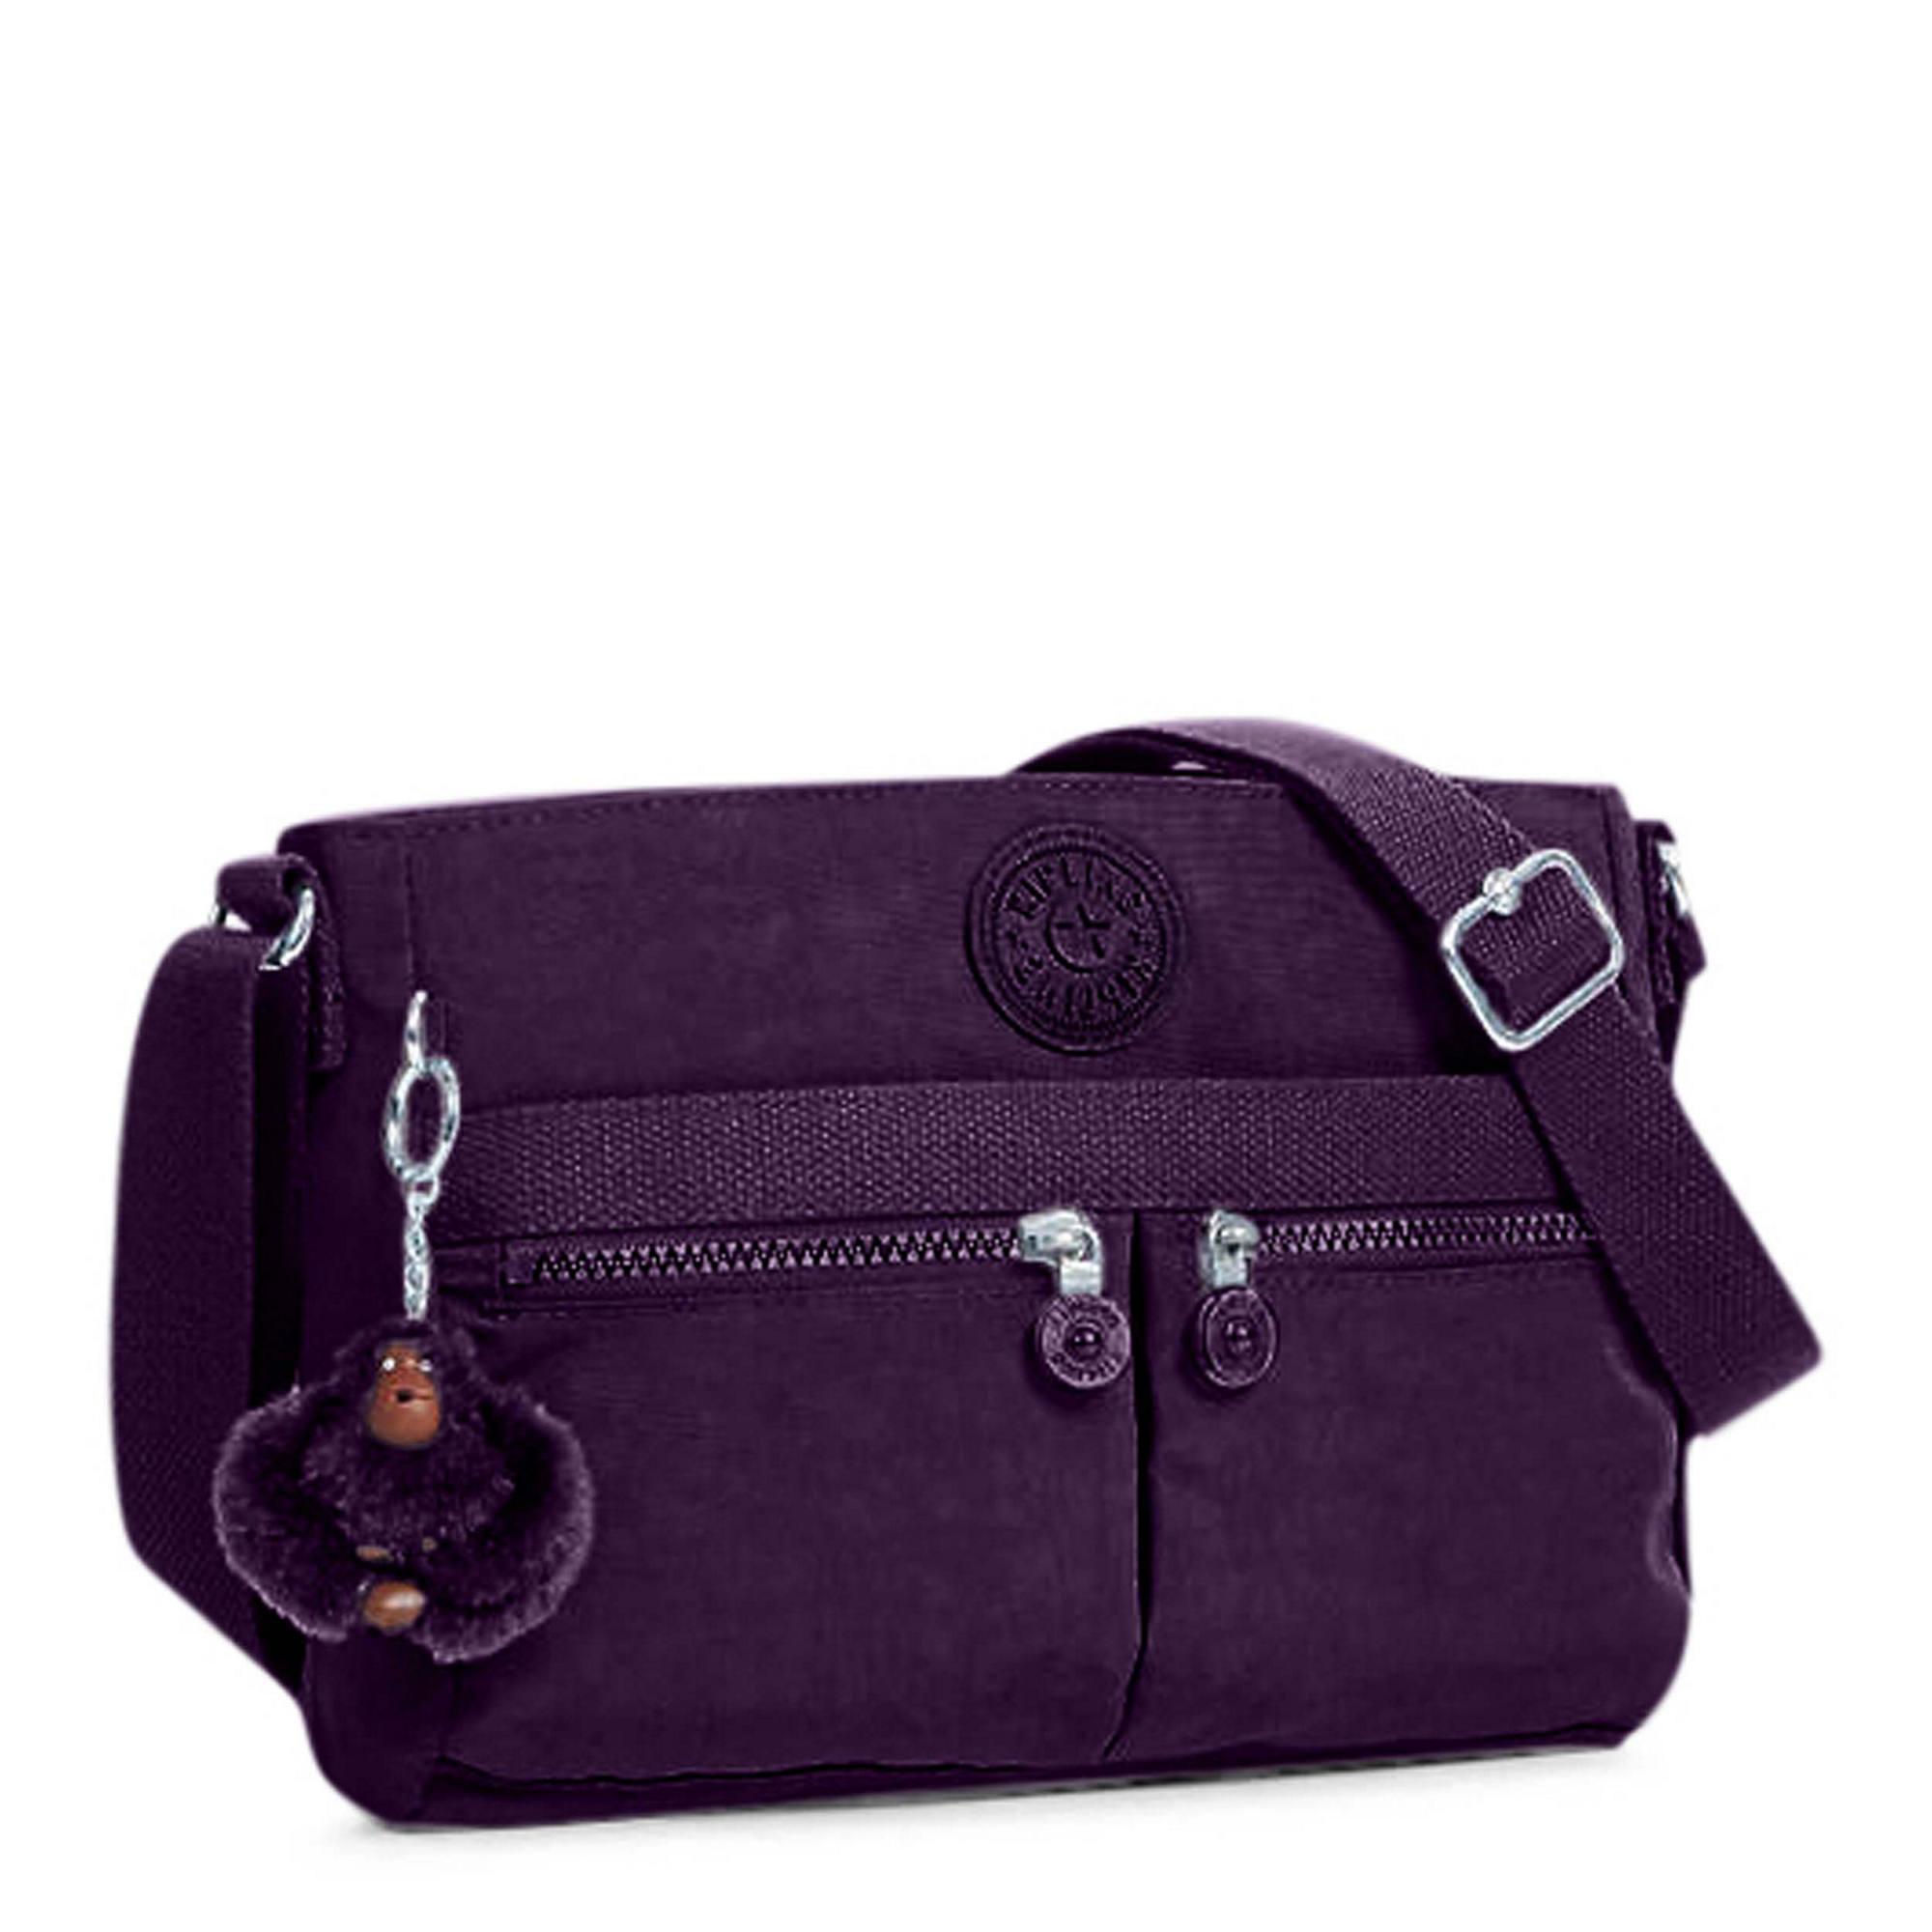 Angie Handbag Deep Purple Large